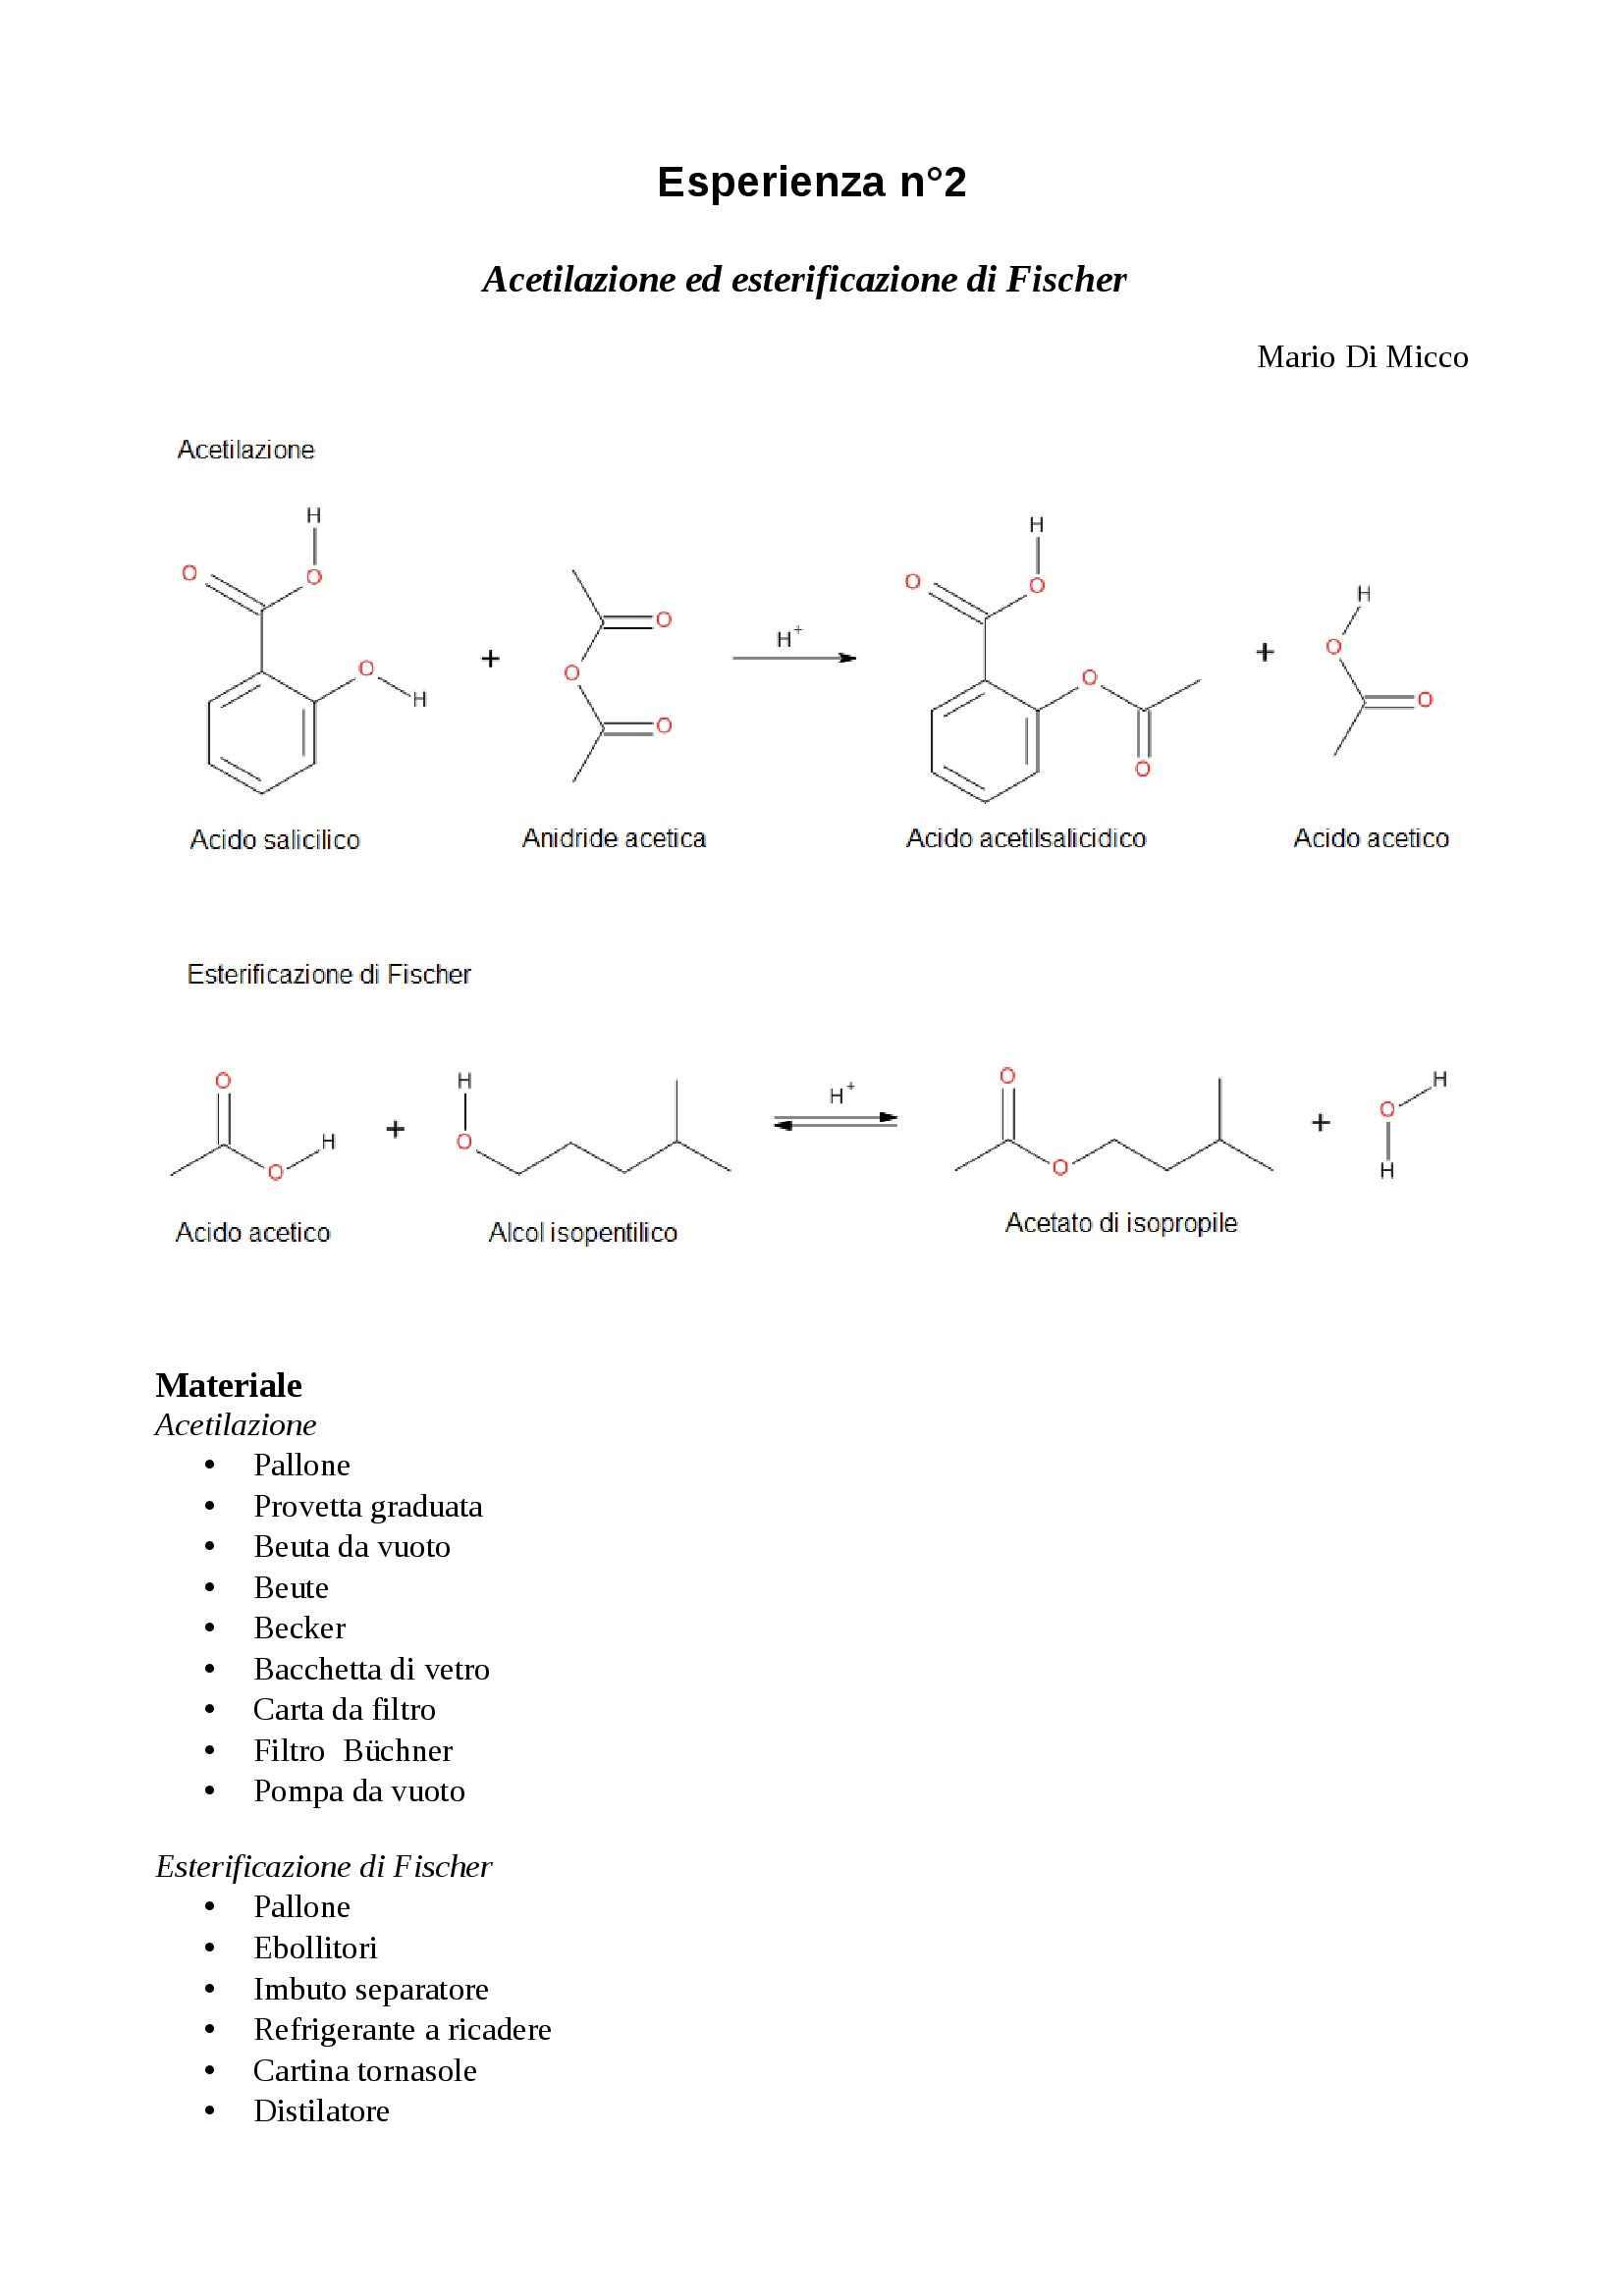 Laboratorio di chimica organica II - acetilazione ed esterificazione di Fischer